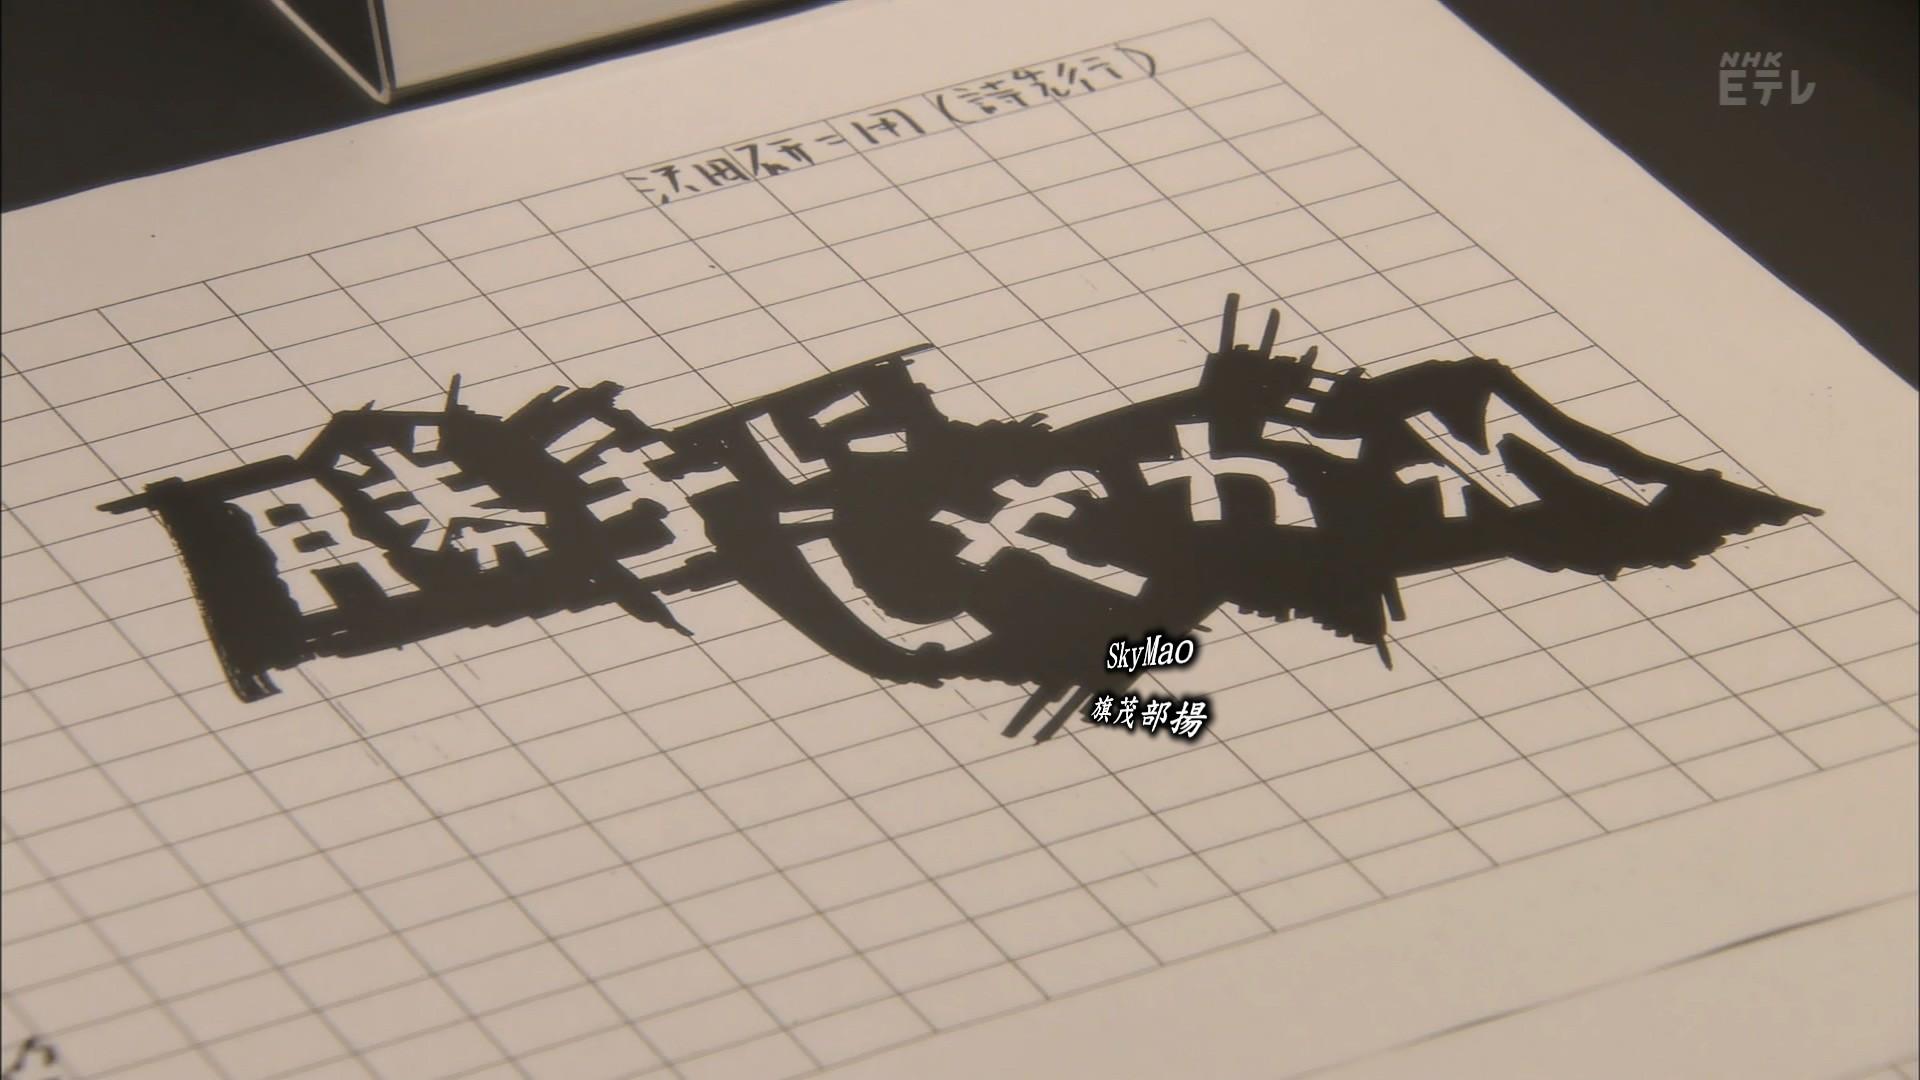 2017.09.23 全場(いきものがかり水野良樹の阿久悠をめぐる対話).ts_20170924_020749.795